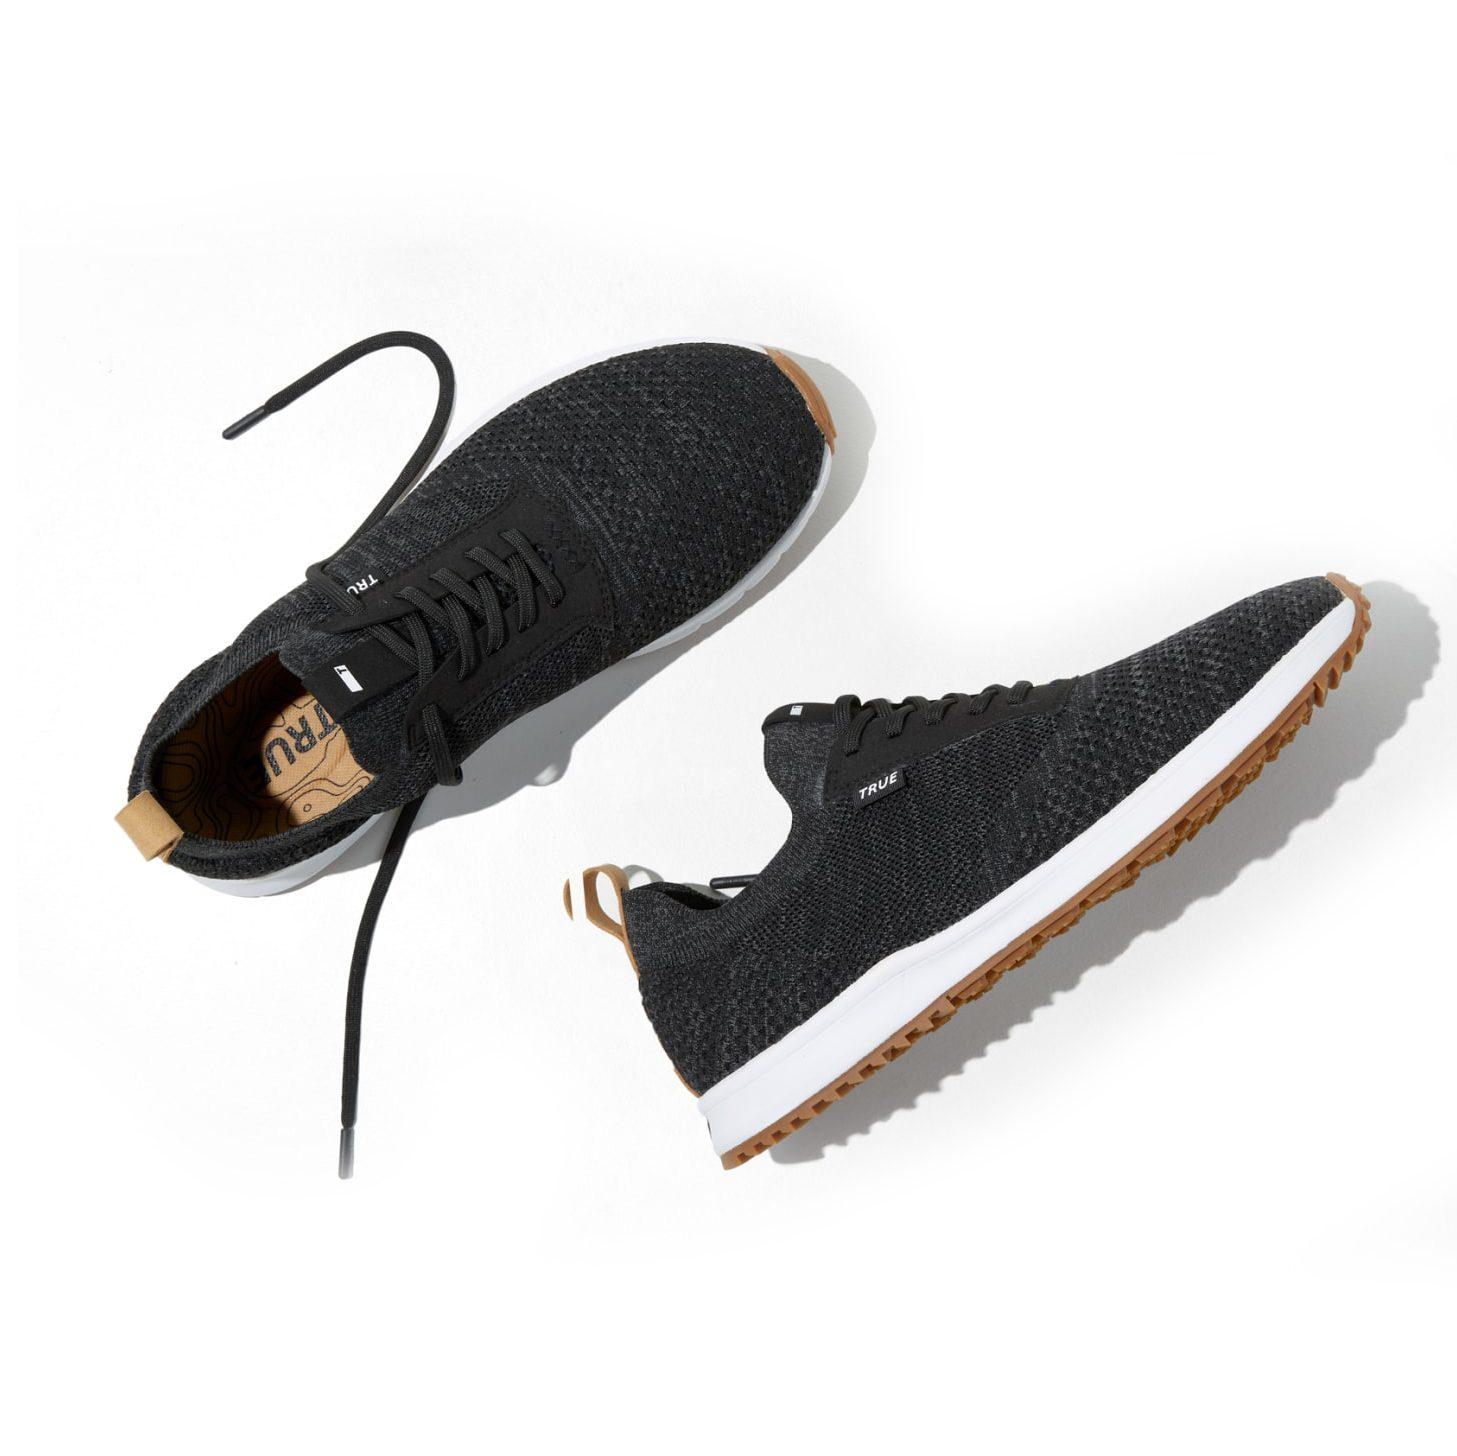 True Linkswear True Knit II Golf Shoes